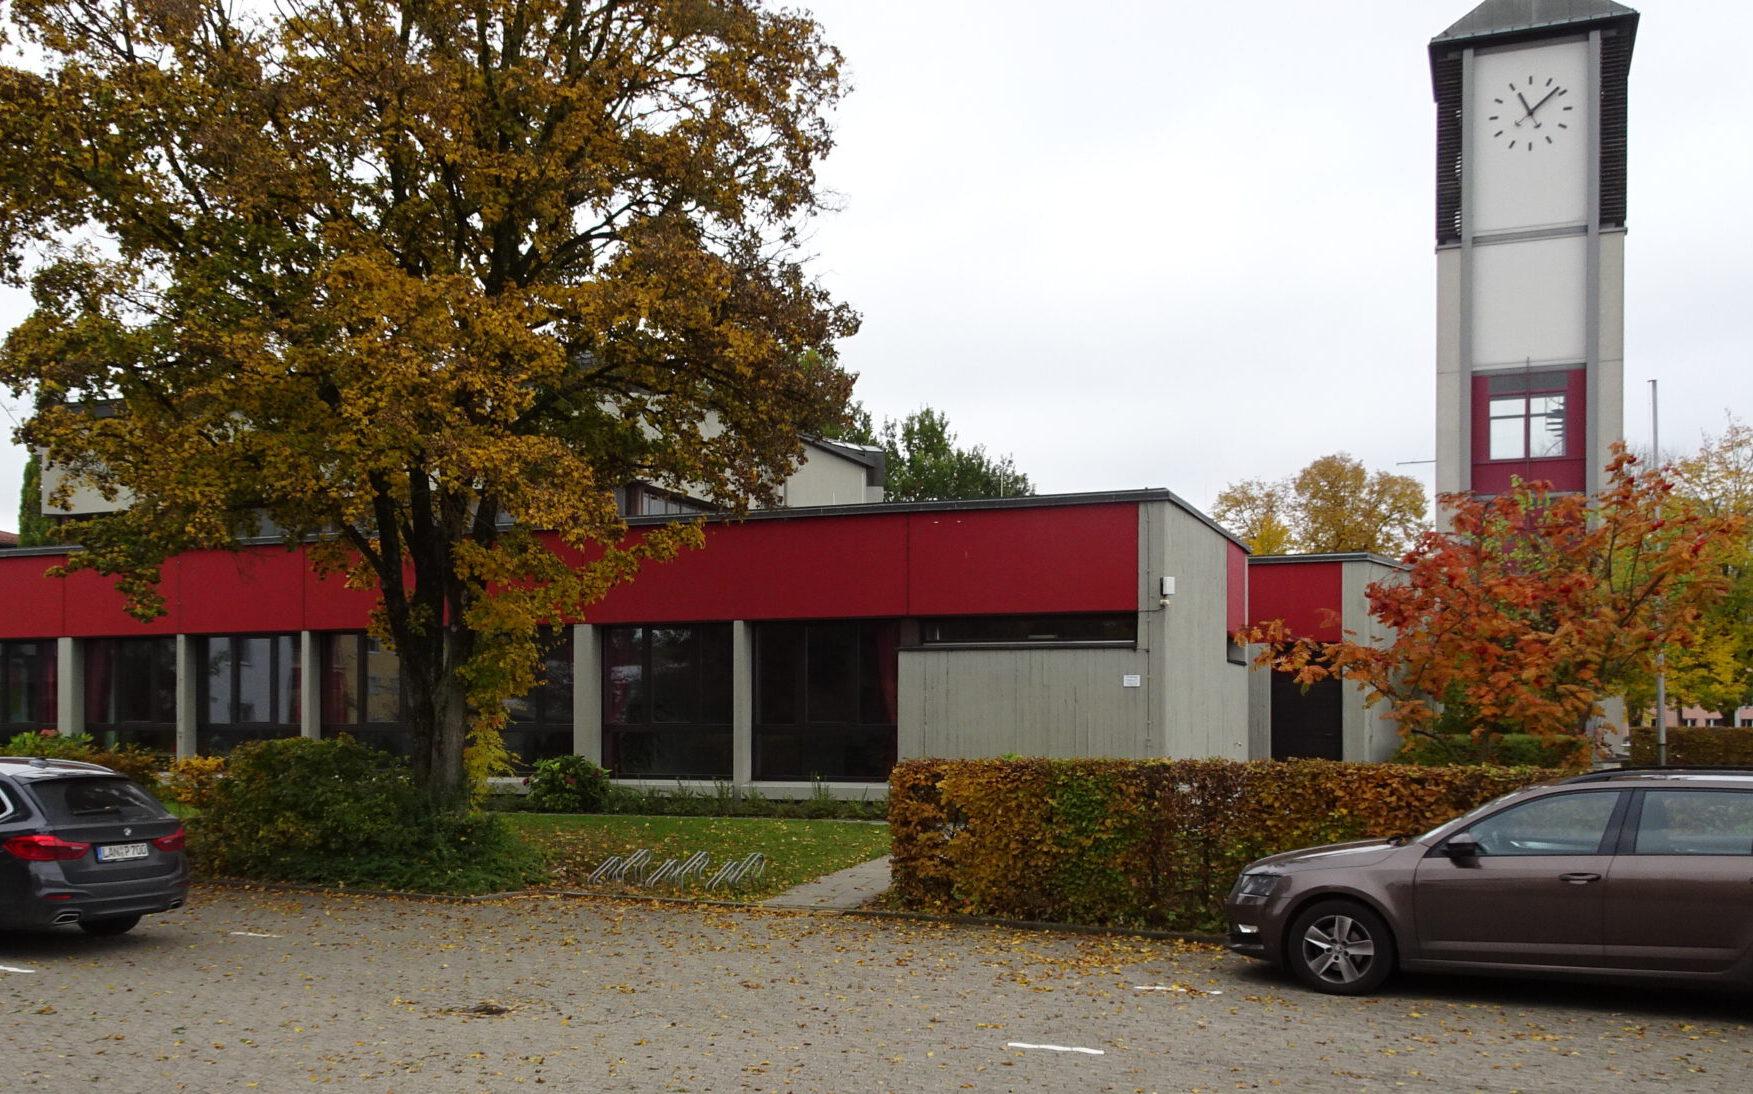 Planungsbeginn Generalsanierung Pfarrzentrum St. Johannes Landau